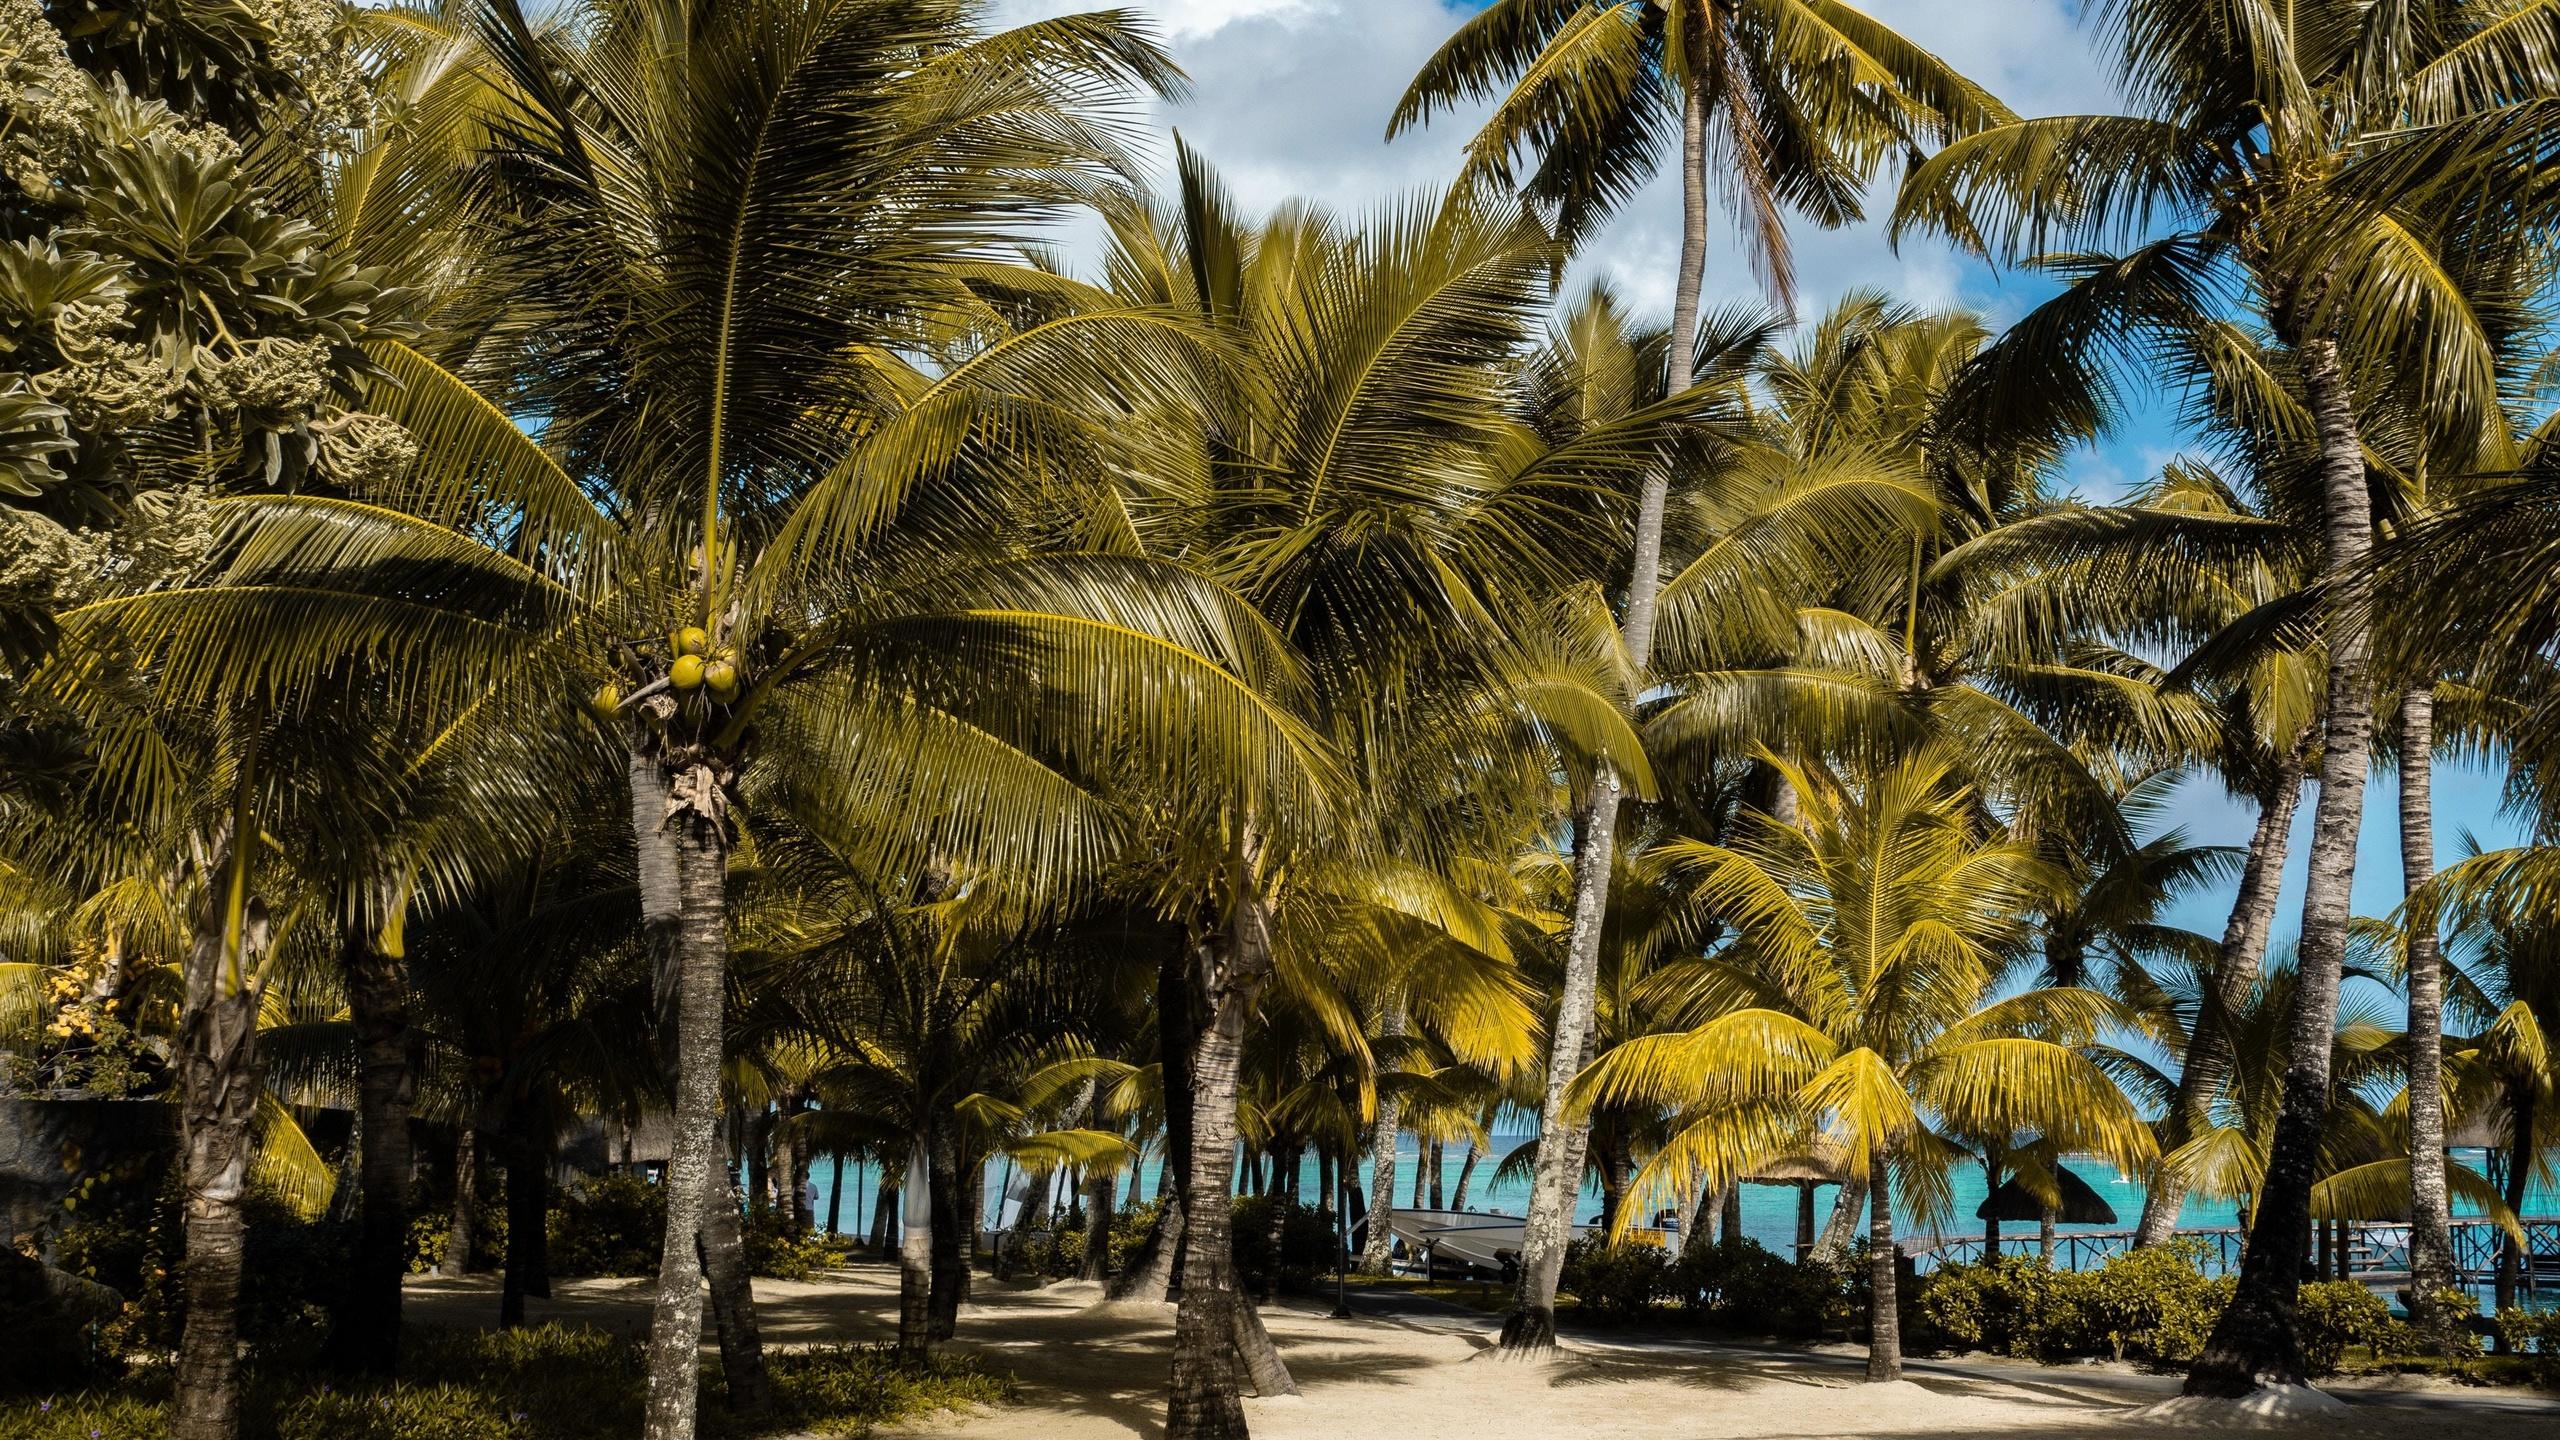 природа, пейзаж, тропики, тропический, пальма, пальмы, джунгли, лес, пляж, песок, море, морской, океан, океанский, небо, солнечный, солнце, причал